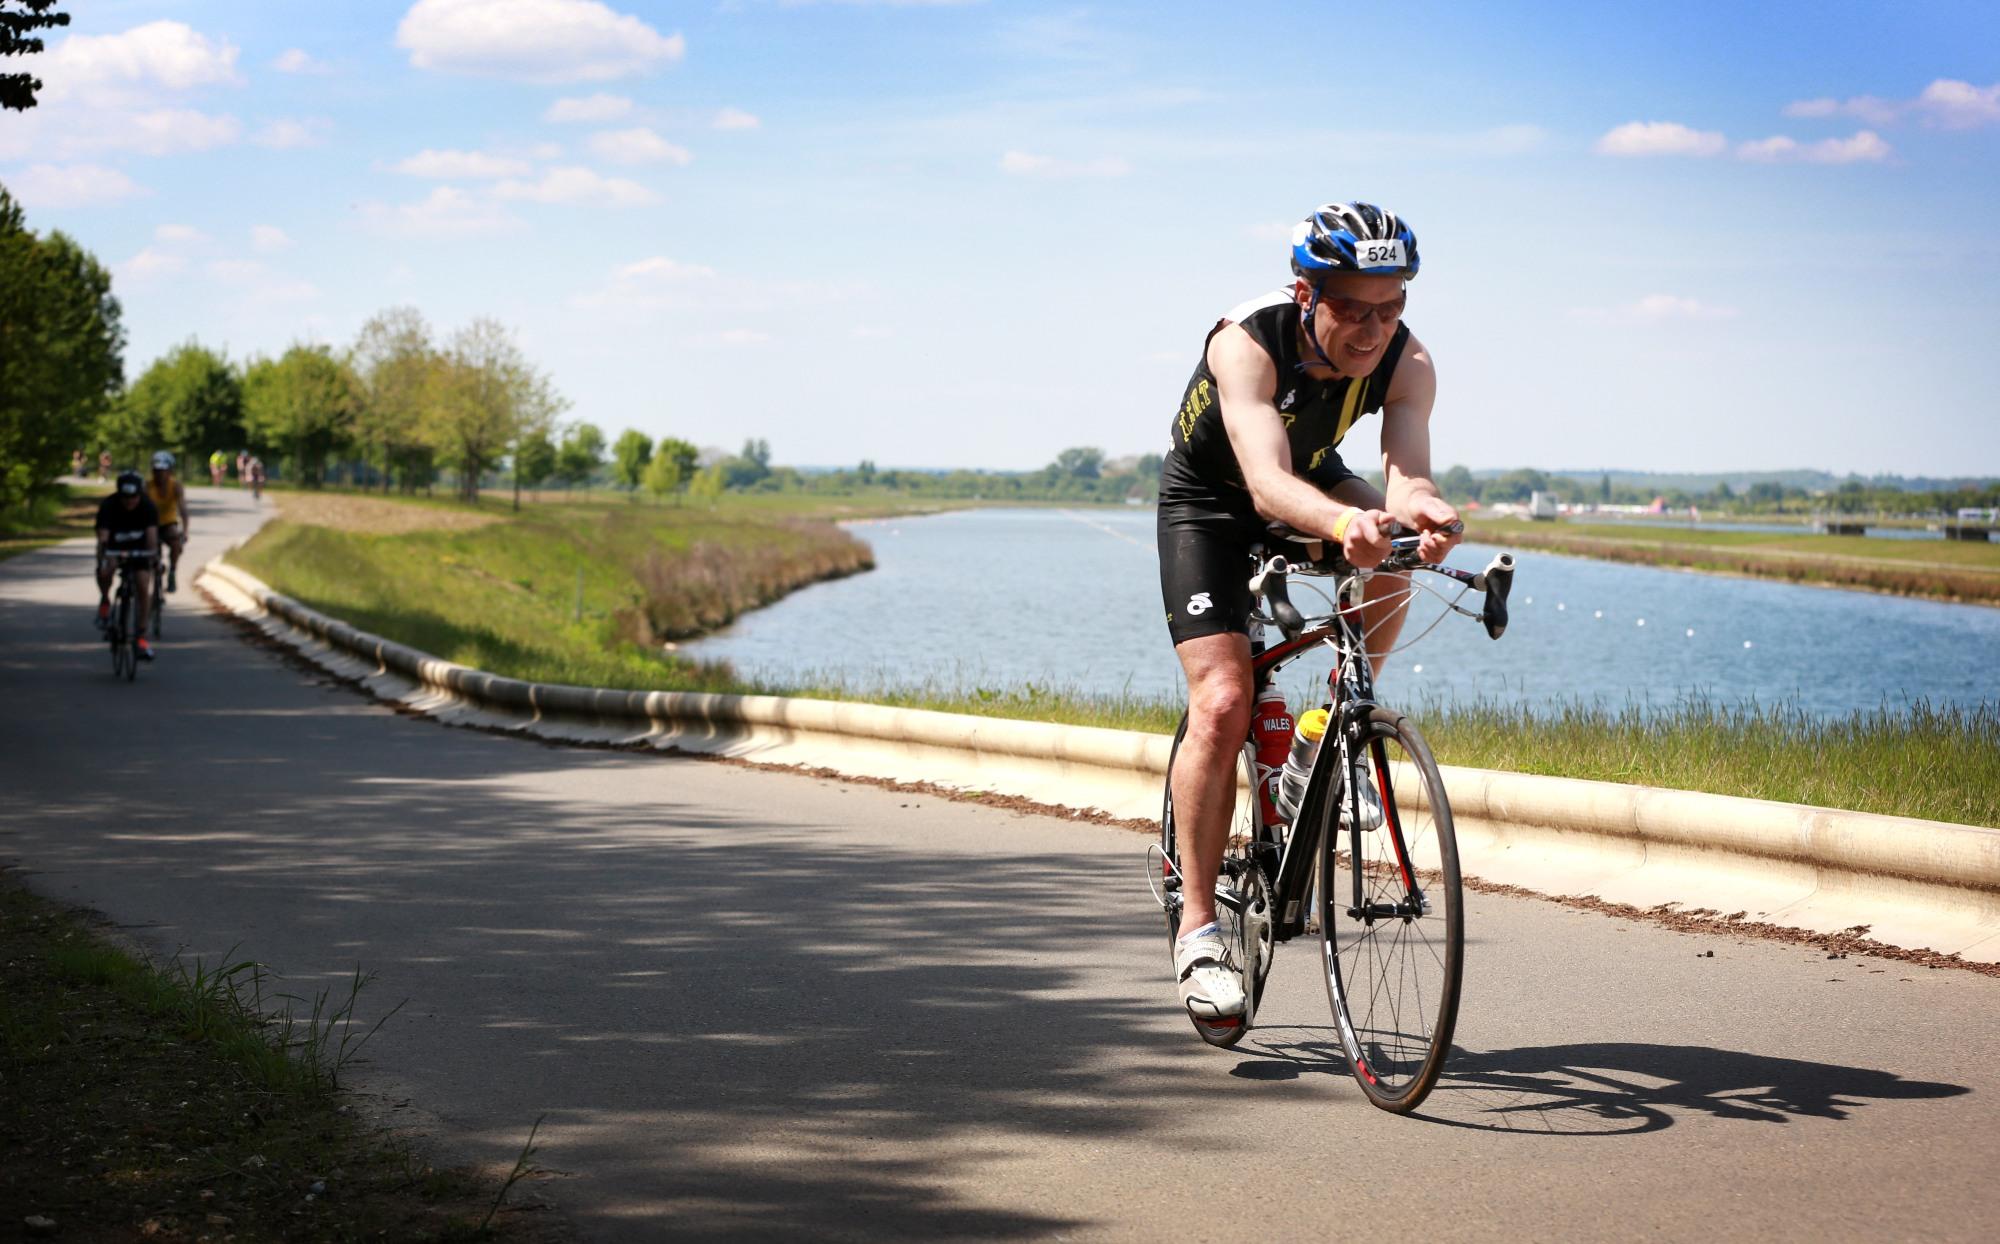 Wiggle Tri Relays, wiggle racing, triathlon dorney lake, human race triathlon review, wiggle tri relay 2014